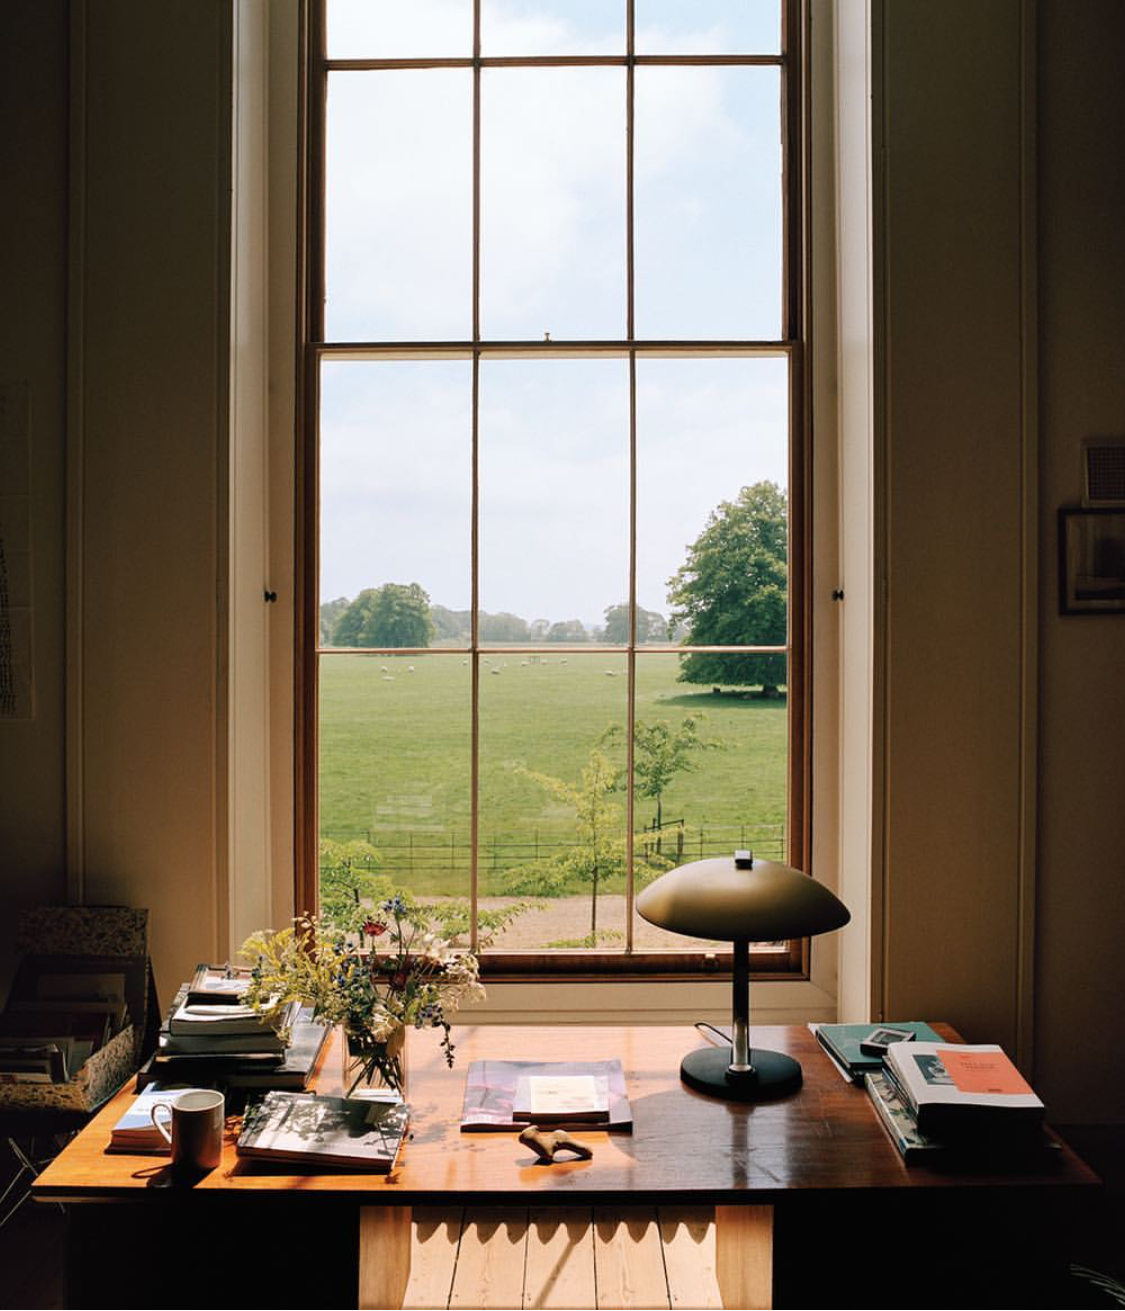 Décor: An Idyllic Artists' Retreat in Norfolk, England